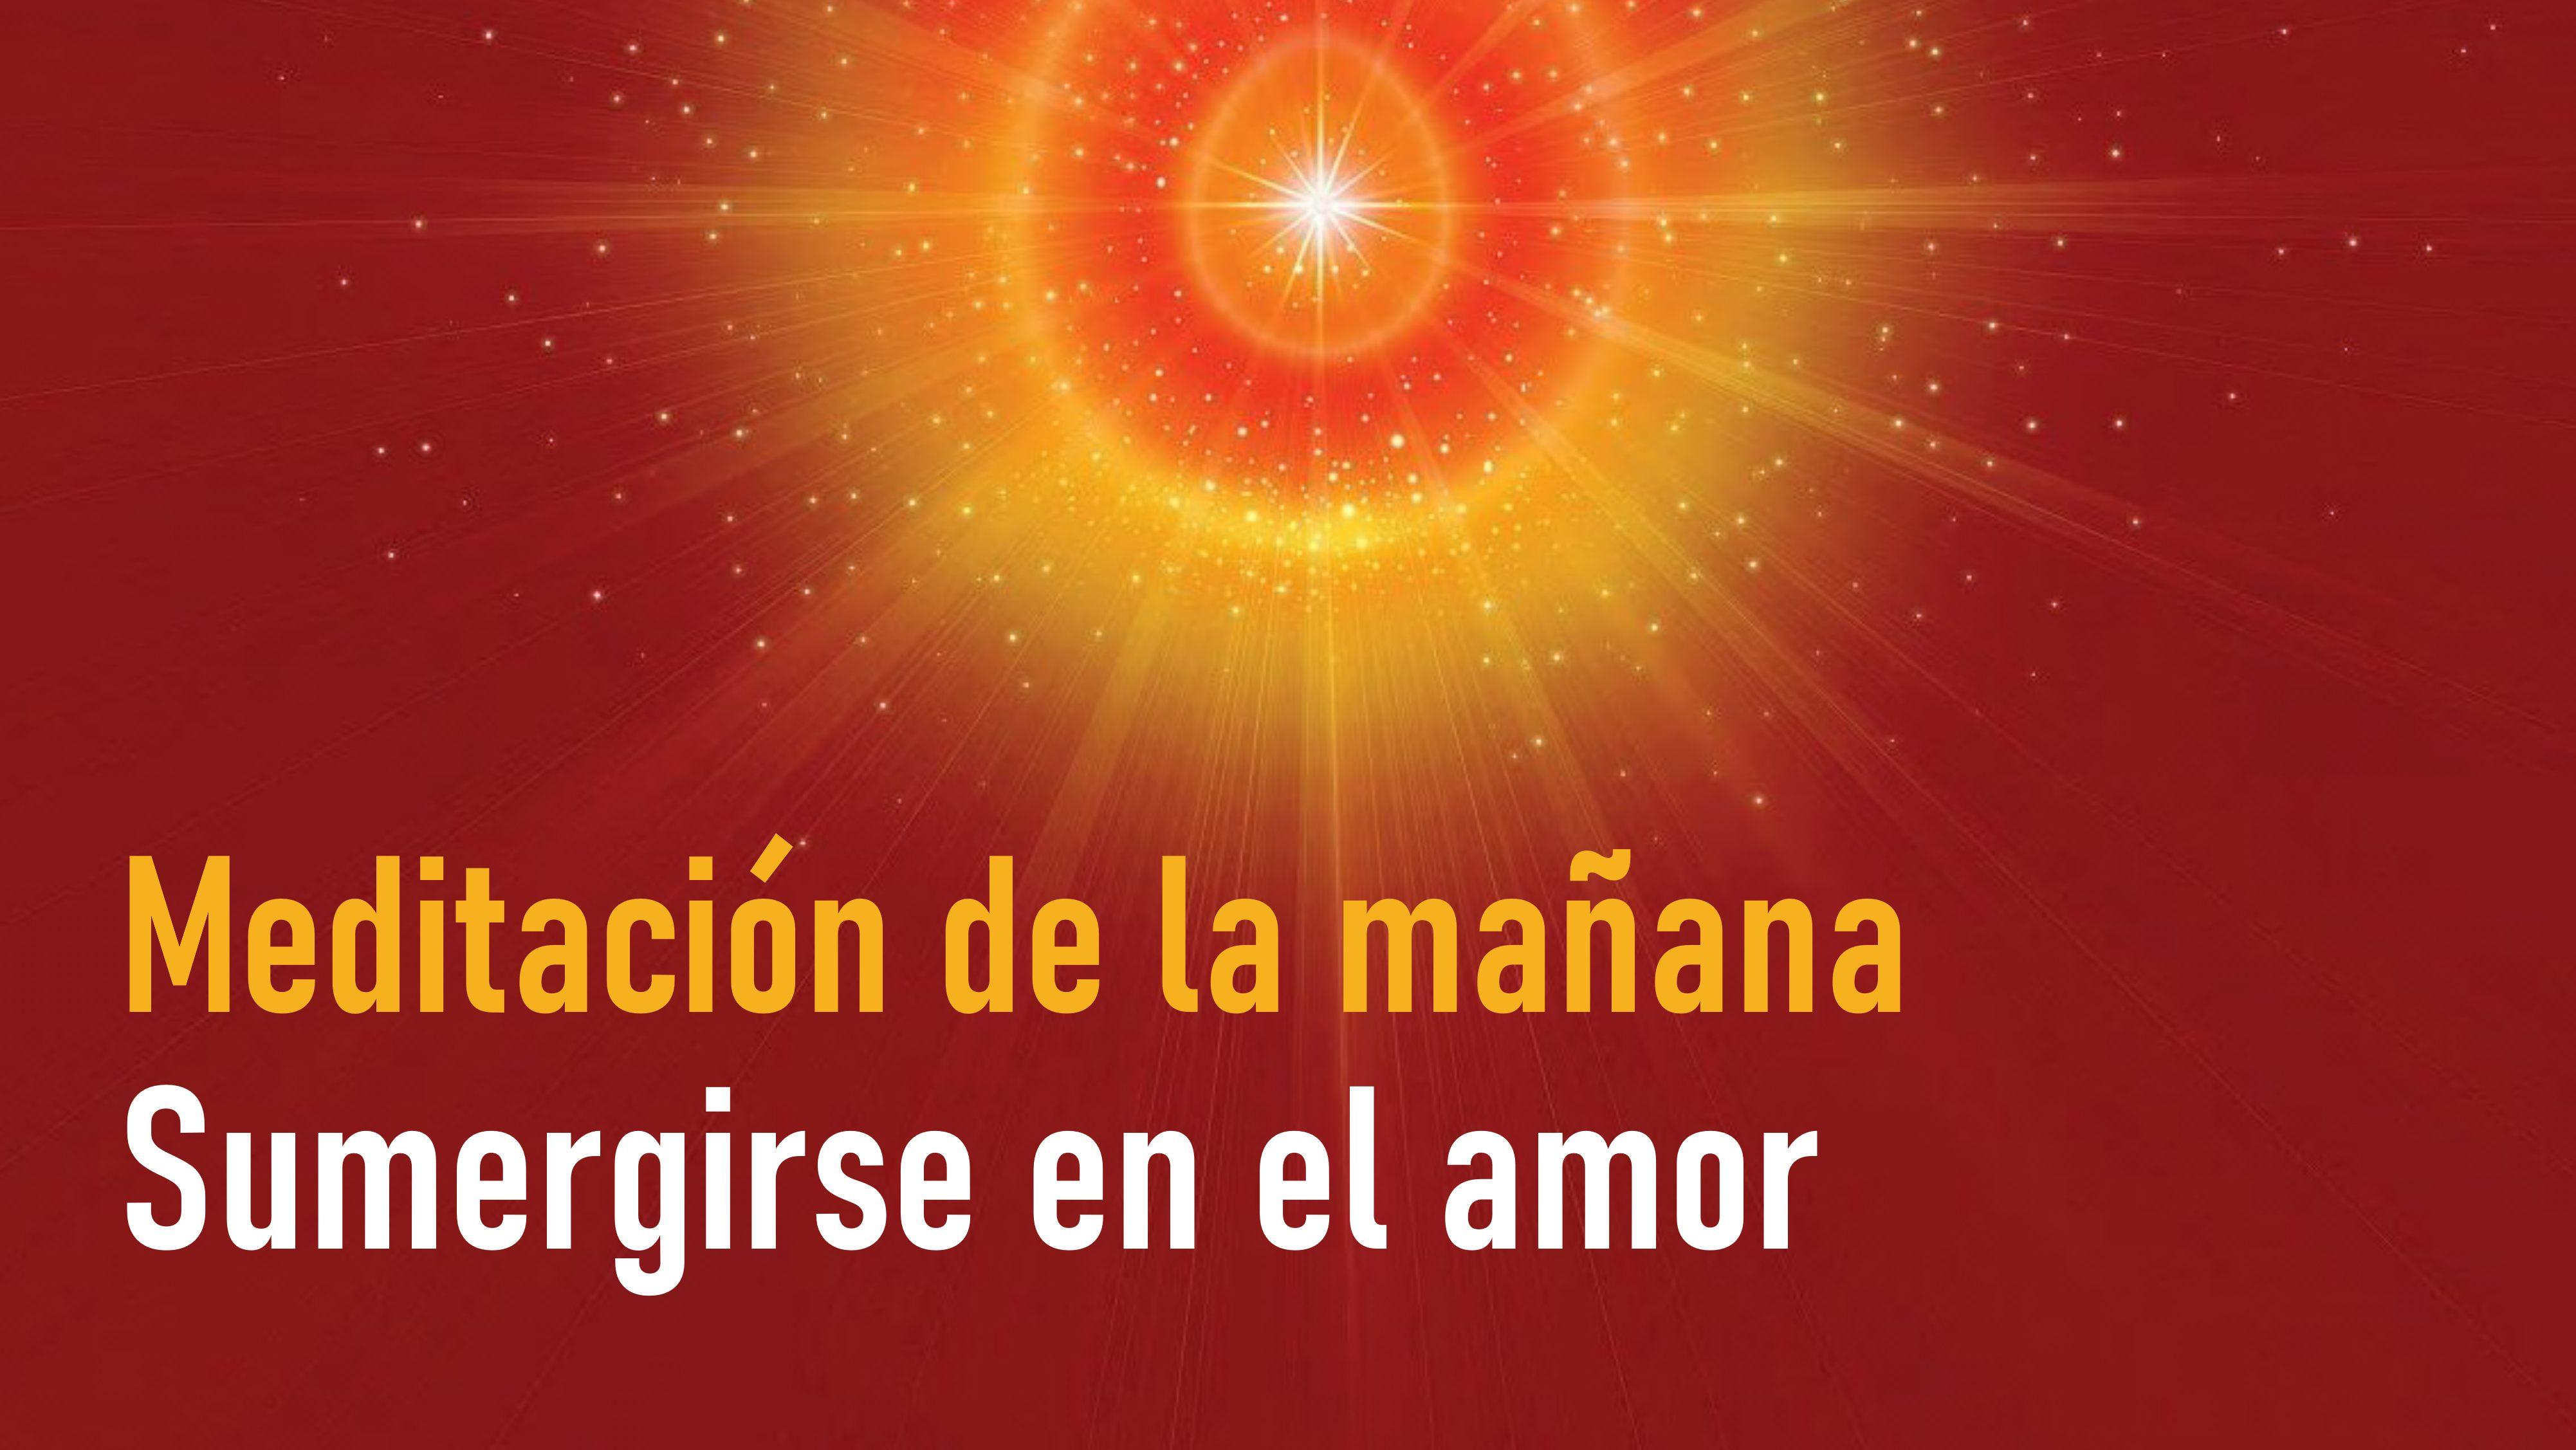 Meditación de la mañana: Sumergirse en el amor (24 Septiembre 2020)